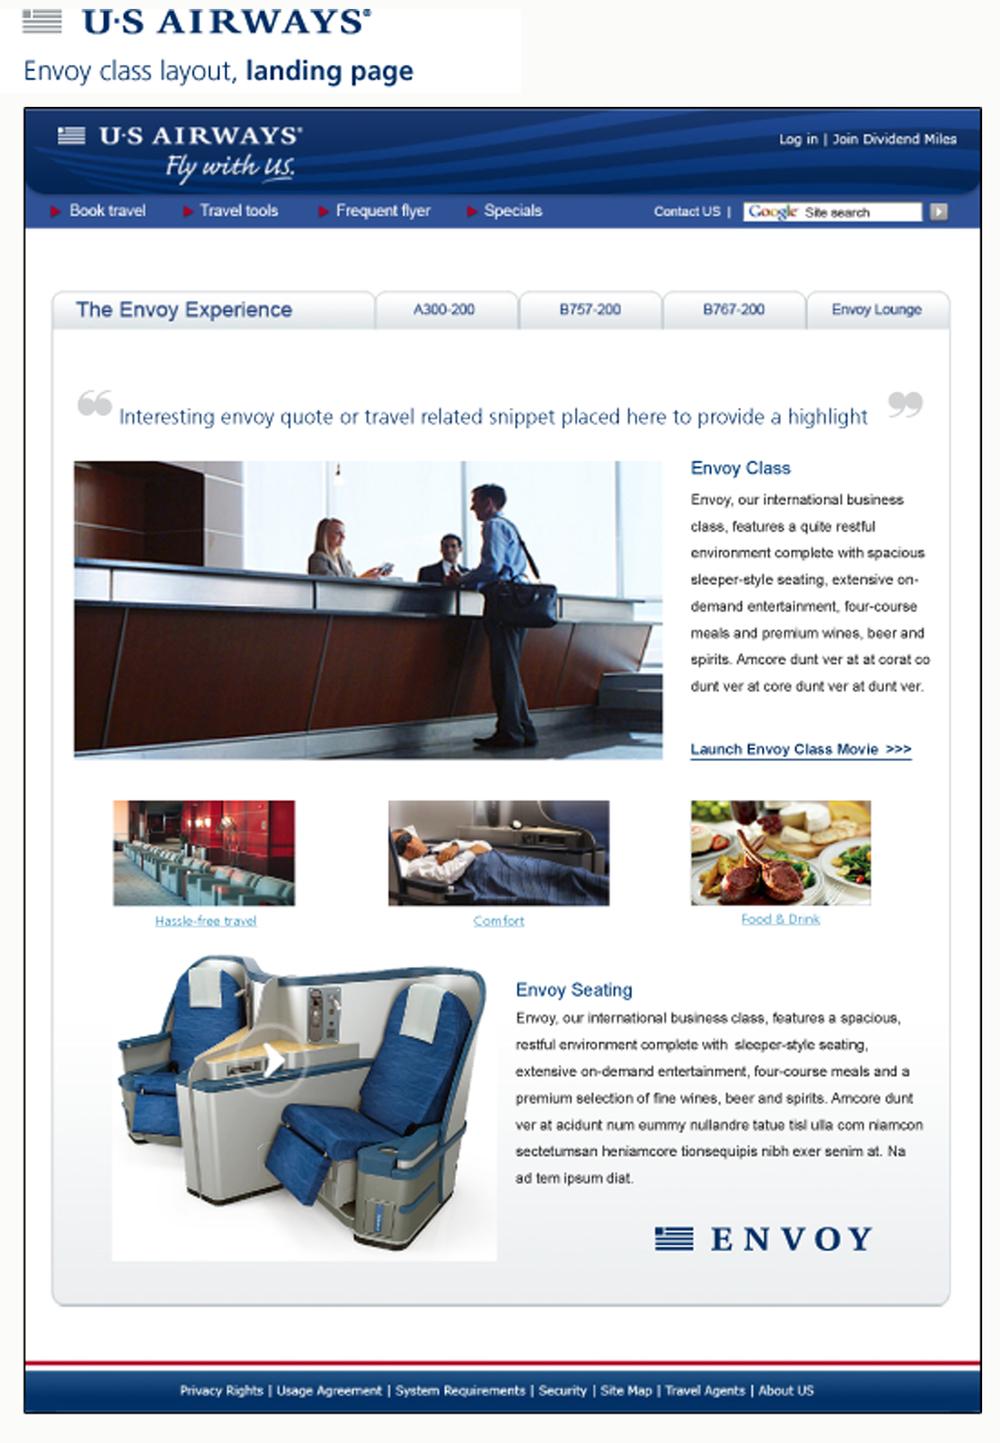 UI-Design-for-Envoy-Landing-Page-1.jpg